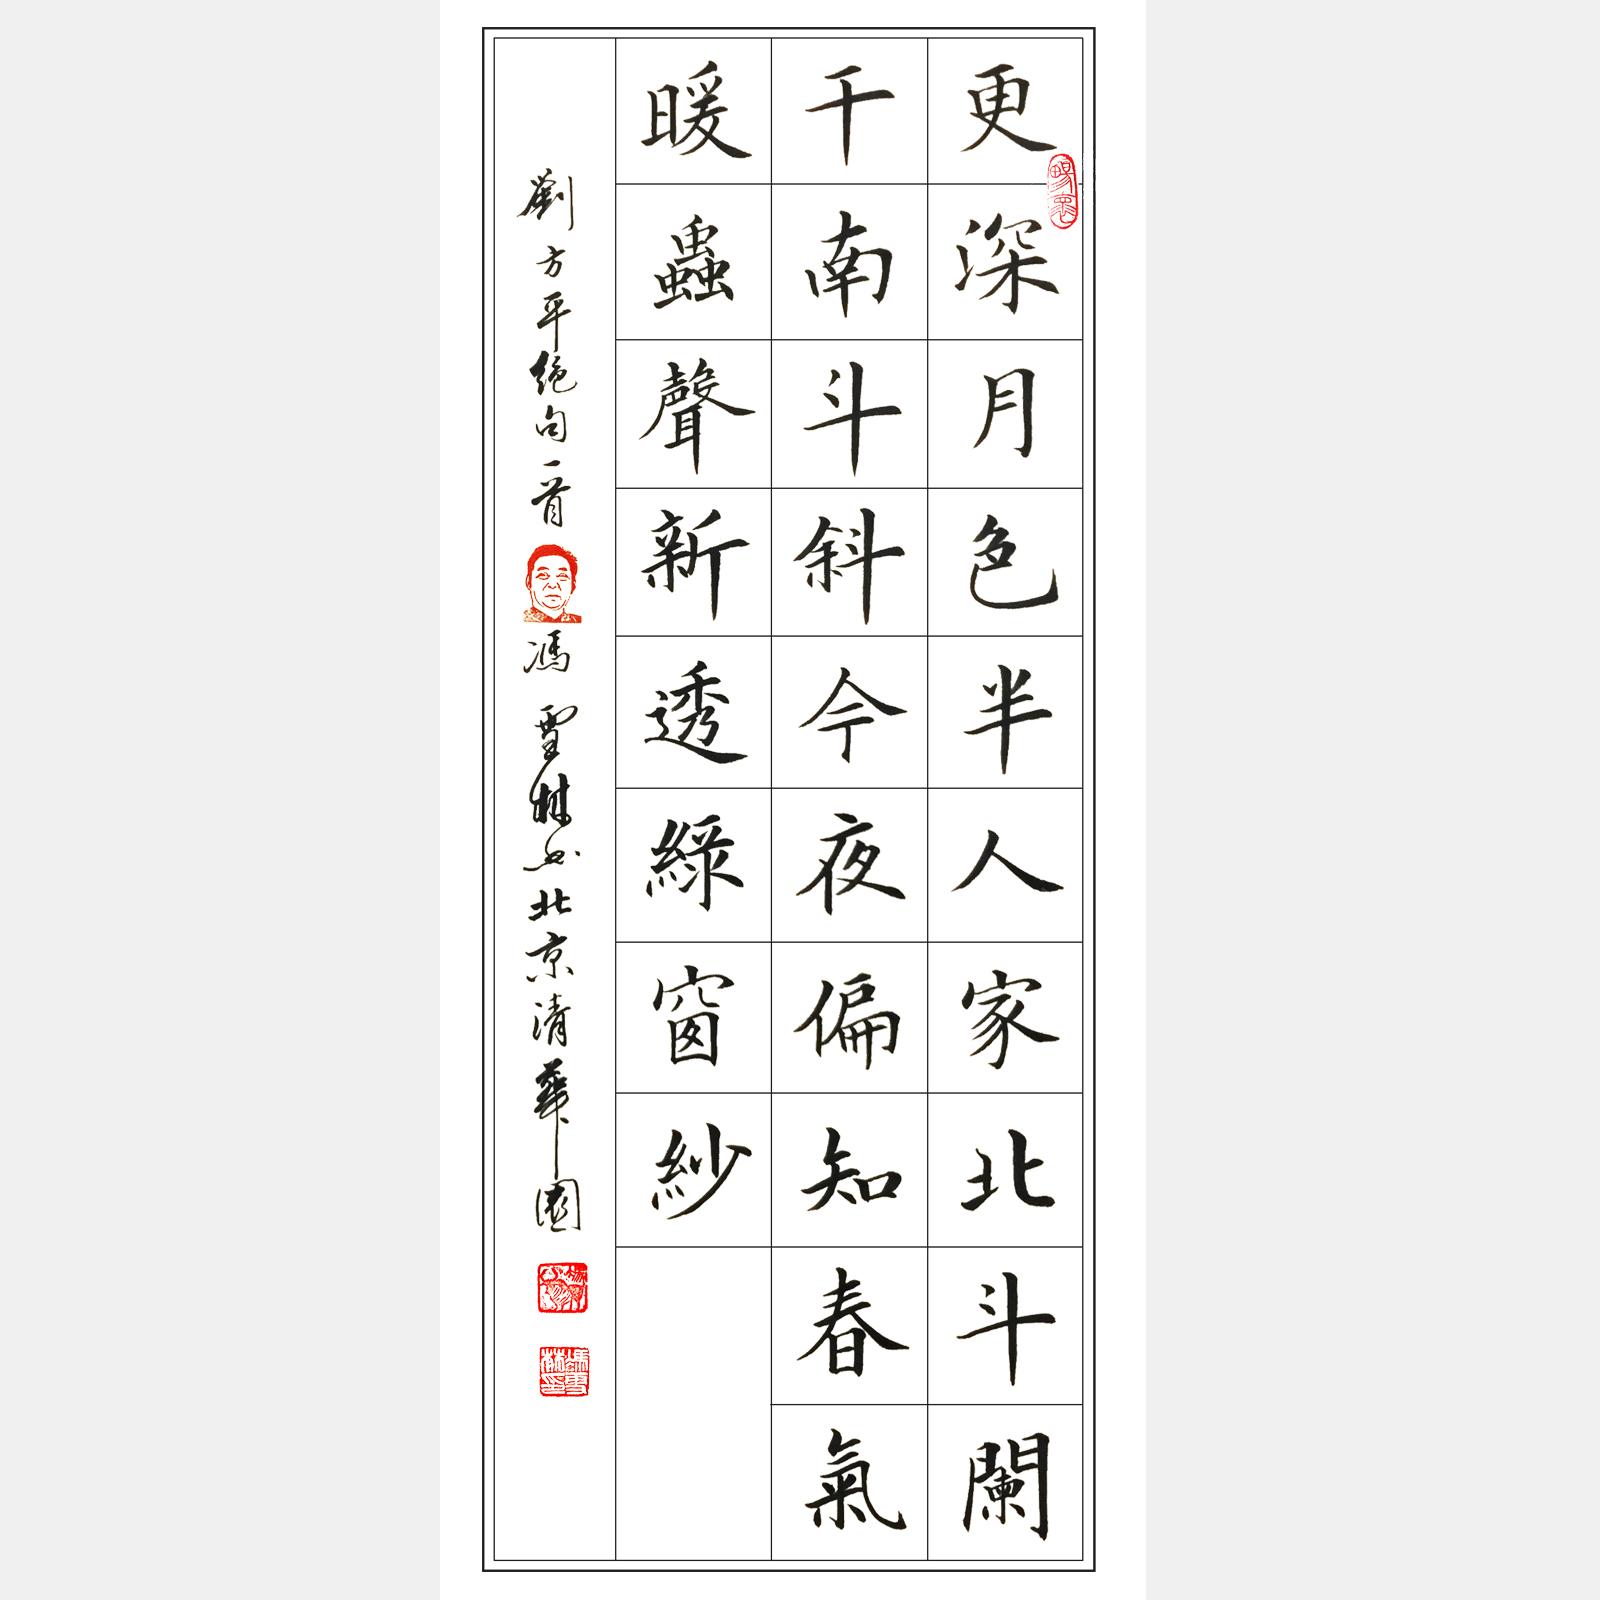 图片2:唐代诗人刘方平七言绝句《月夜》书法作品 楷书 条幅